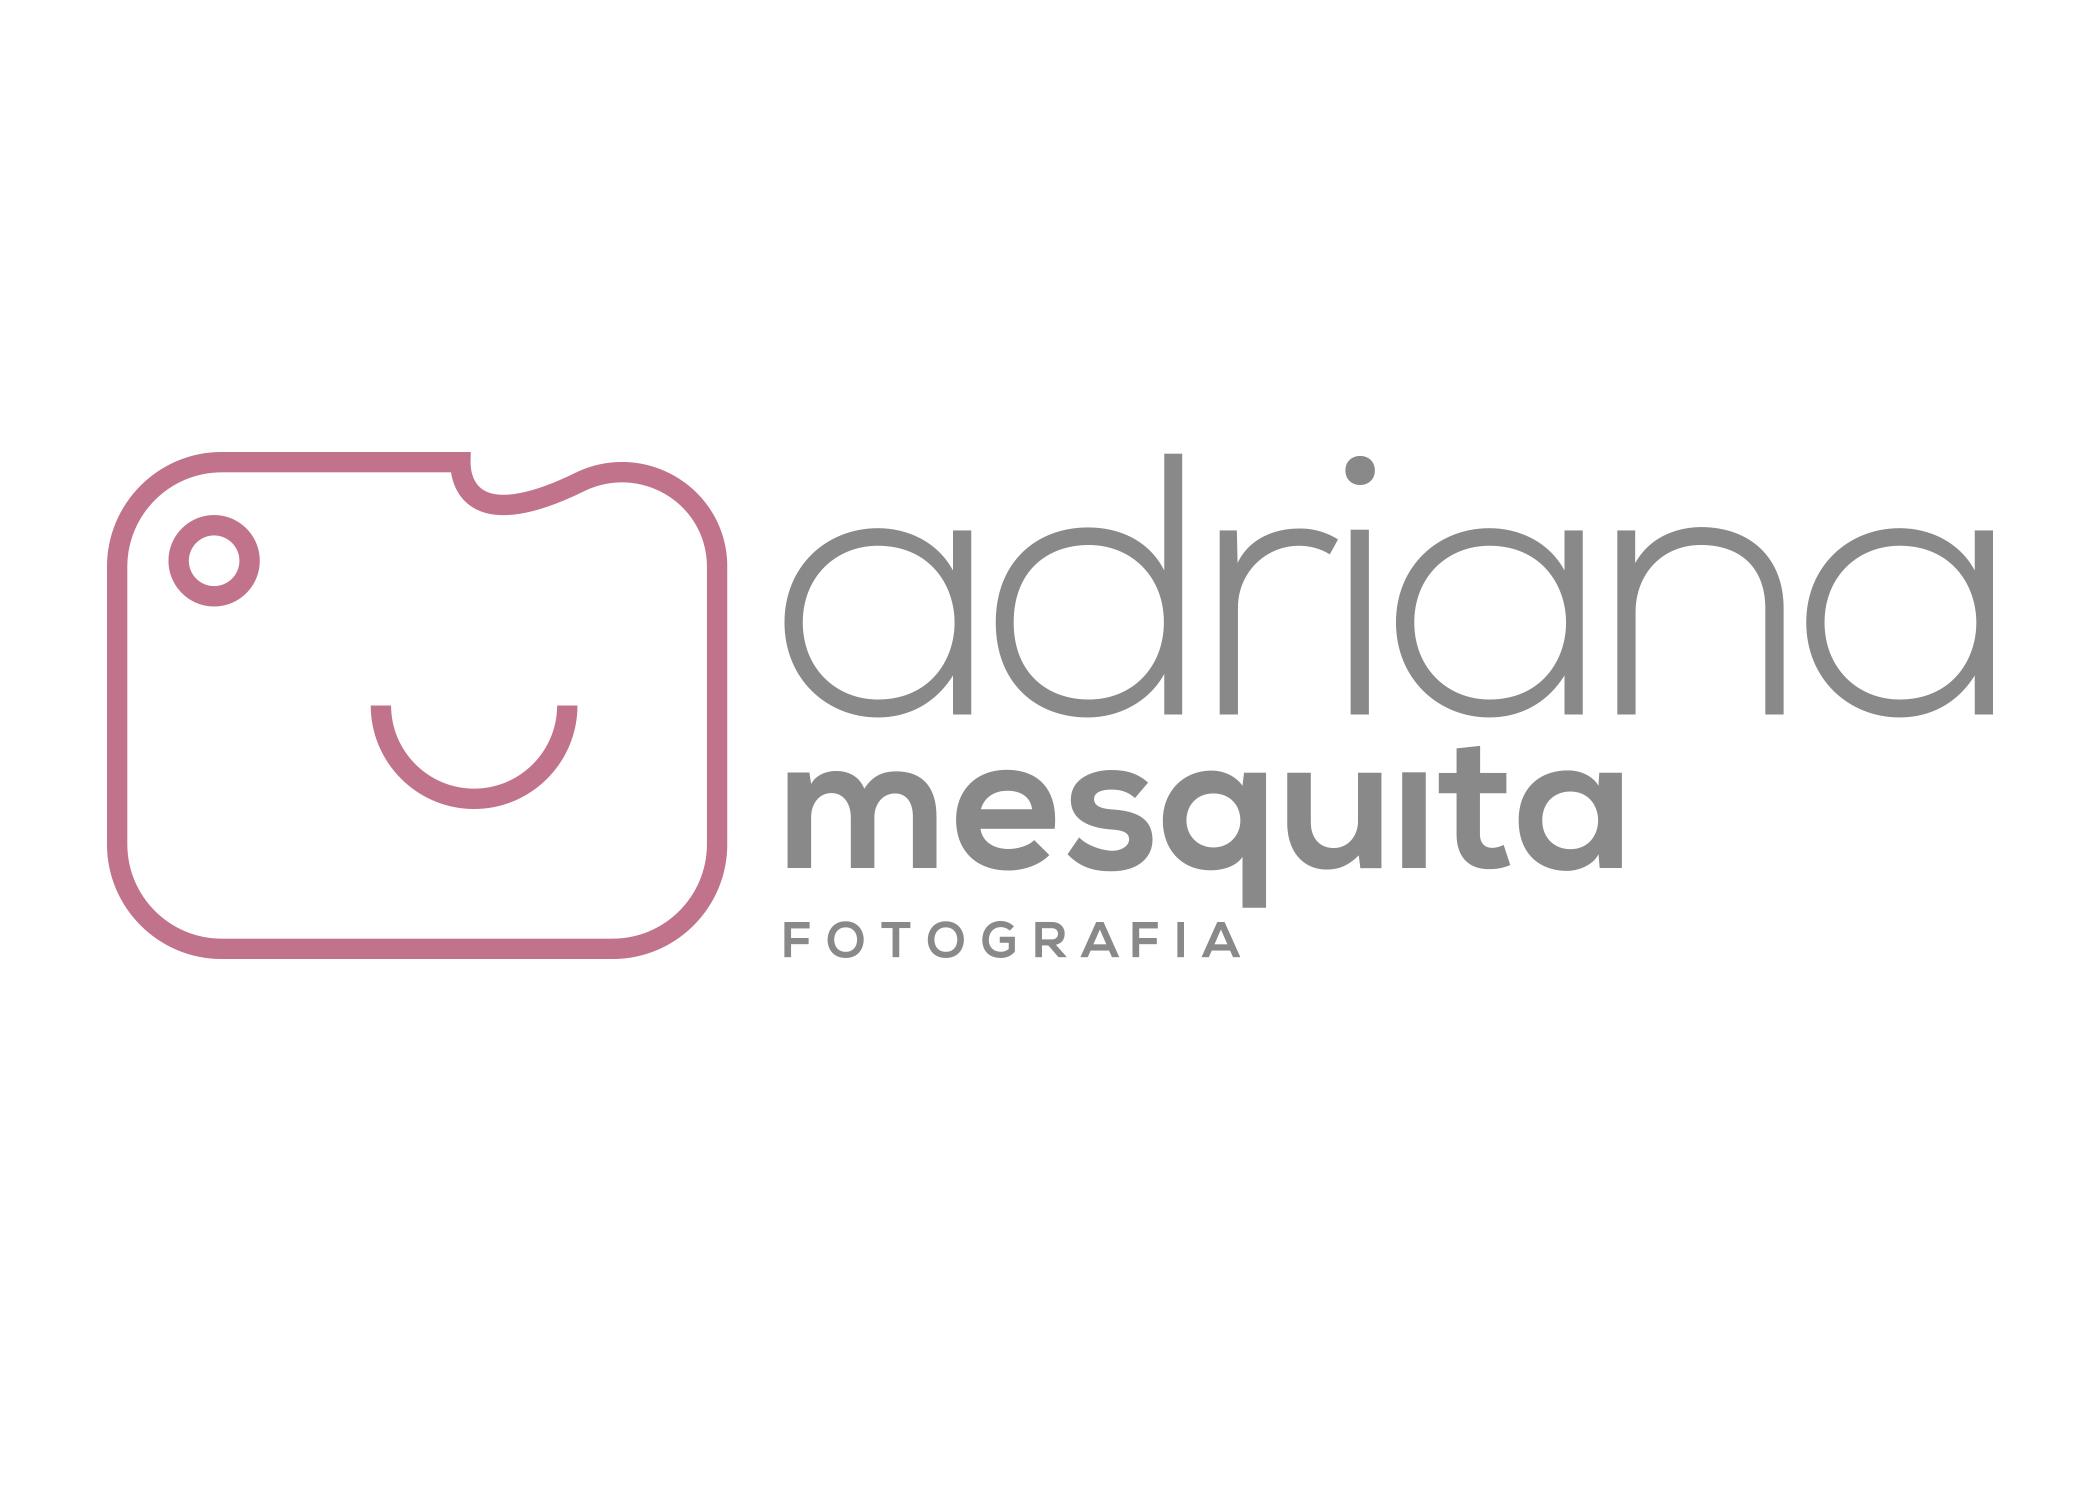 Contate Adriana Mesquita - Referência em fotografia newborn - Uberlândia / MG